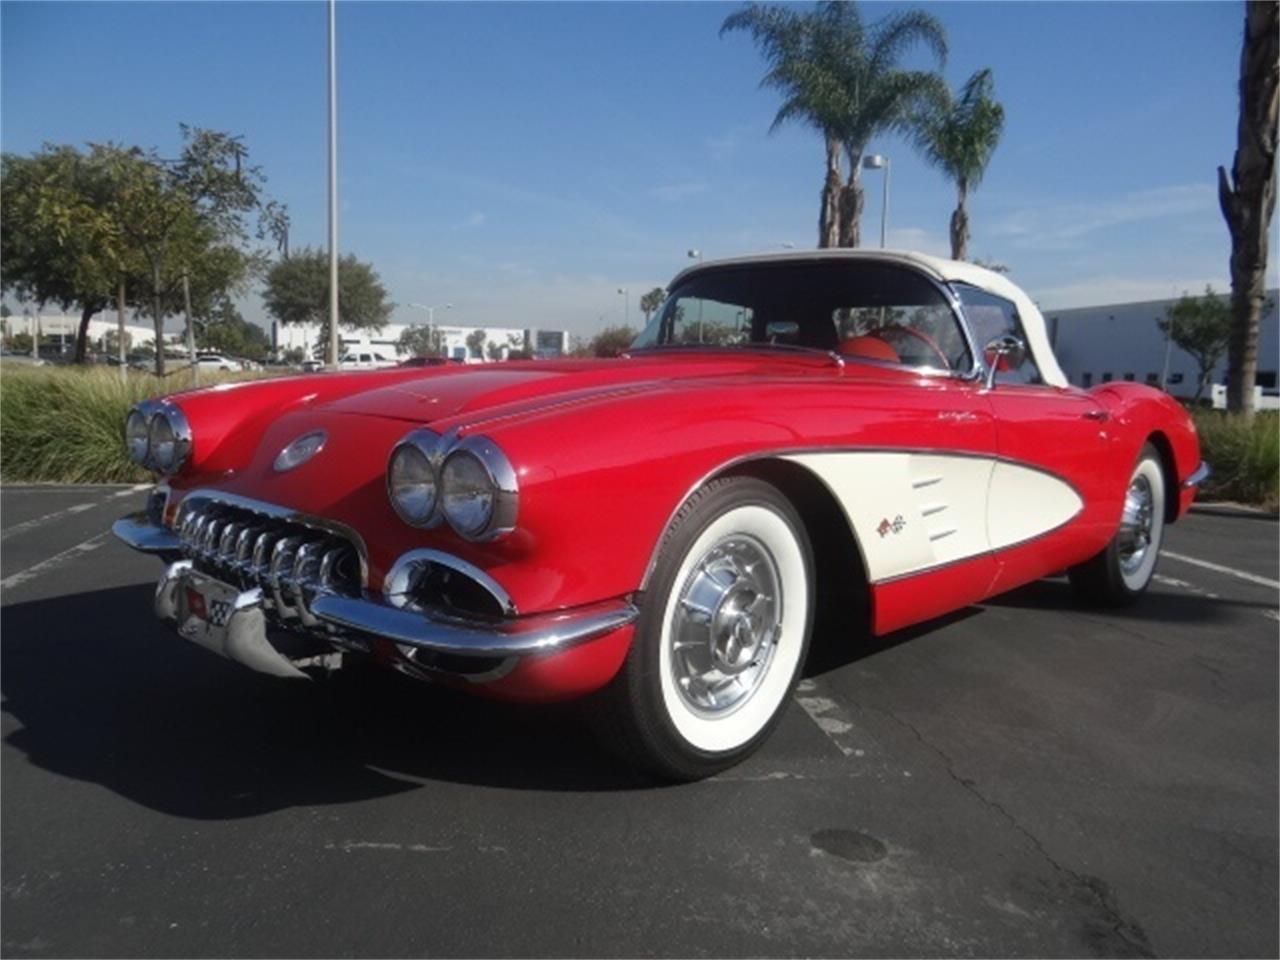 Kekurangan Corvette 58 Top Model Tahun Ini